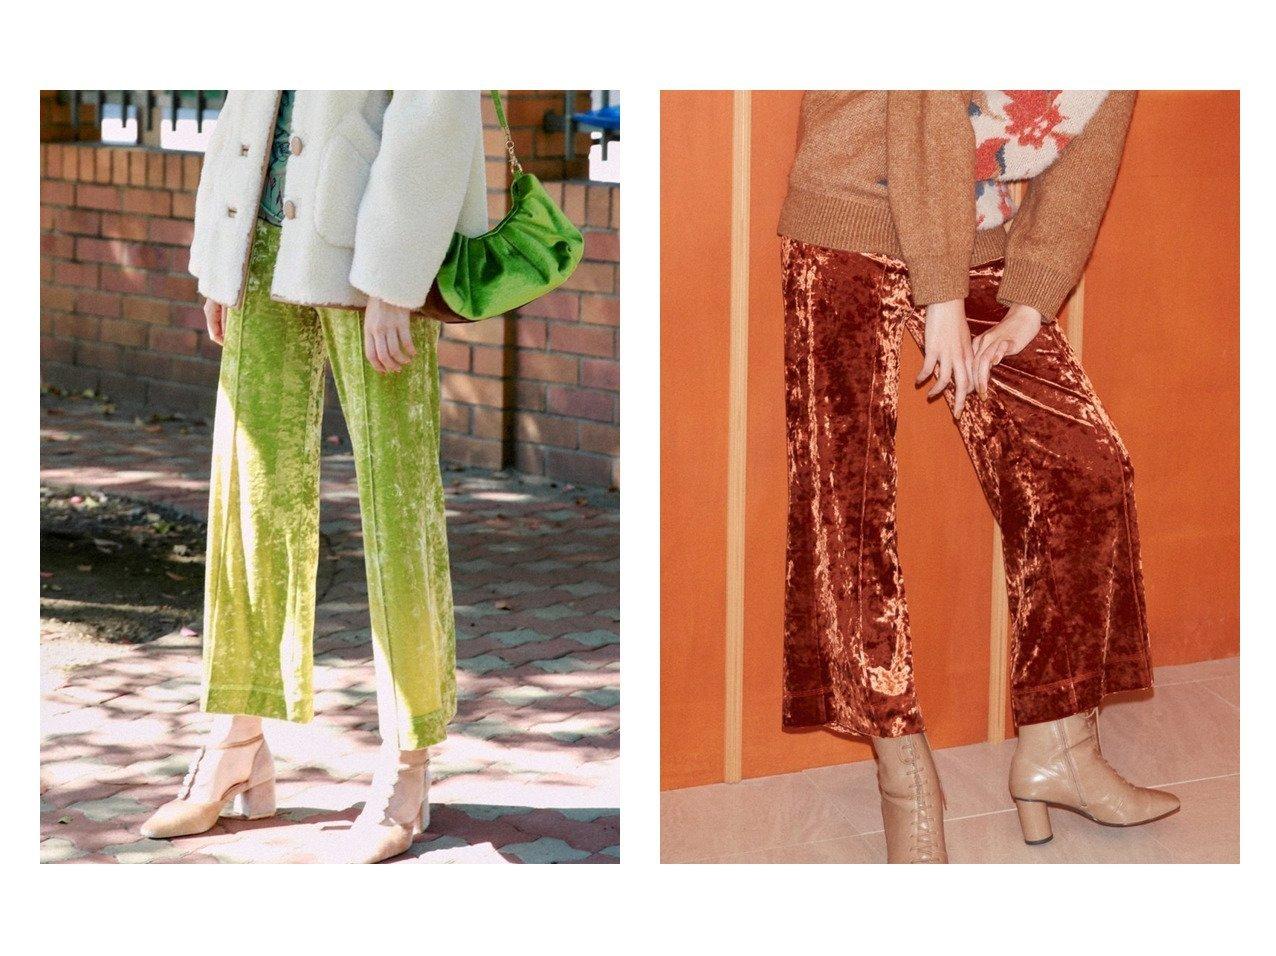 【Lily Brown/リリーブラウン】のリラックスベロアパンツ パンツおすすめ!人気、トレンド・レディースファッションの通販 おすすめで人気の流行・トレンド、ファッションの通販商品 メンズファッション・キッズファッション・インテリア・家具・レディースファッション・服の通販 founy(ファニー) https://founy.com/ ファッション Fashion レディースファッション WOMEN パンツ Pants クラッシュ ジーンズ センター フレア ベロア リラックス ロング |ID:crp329100000011323